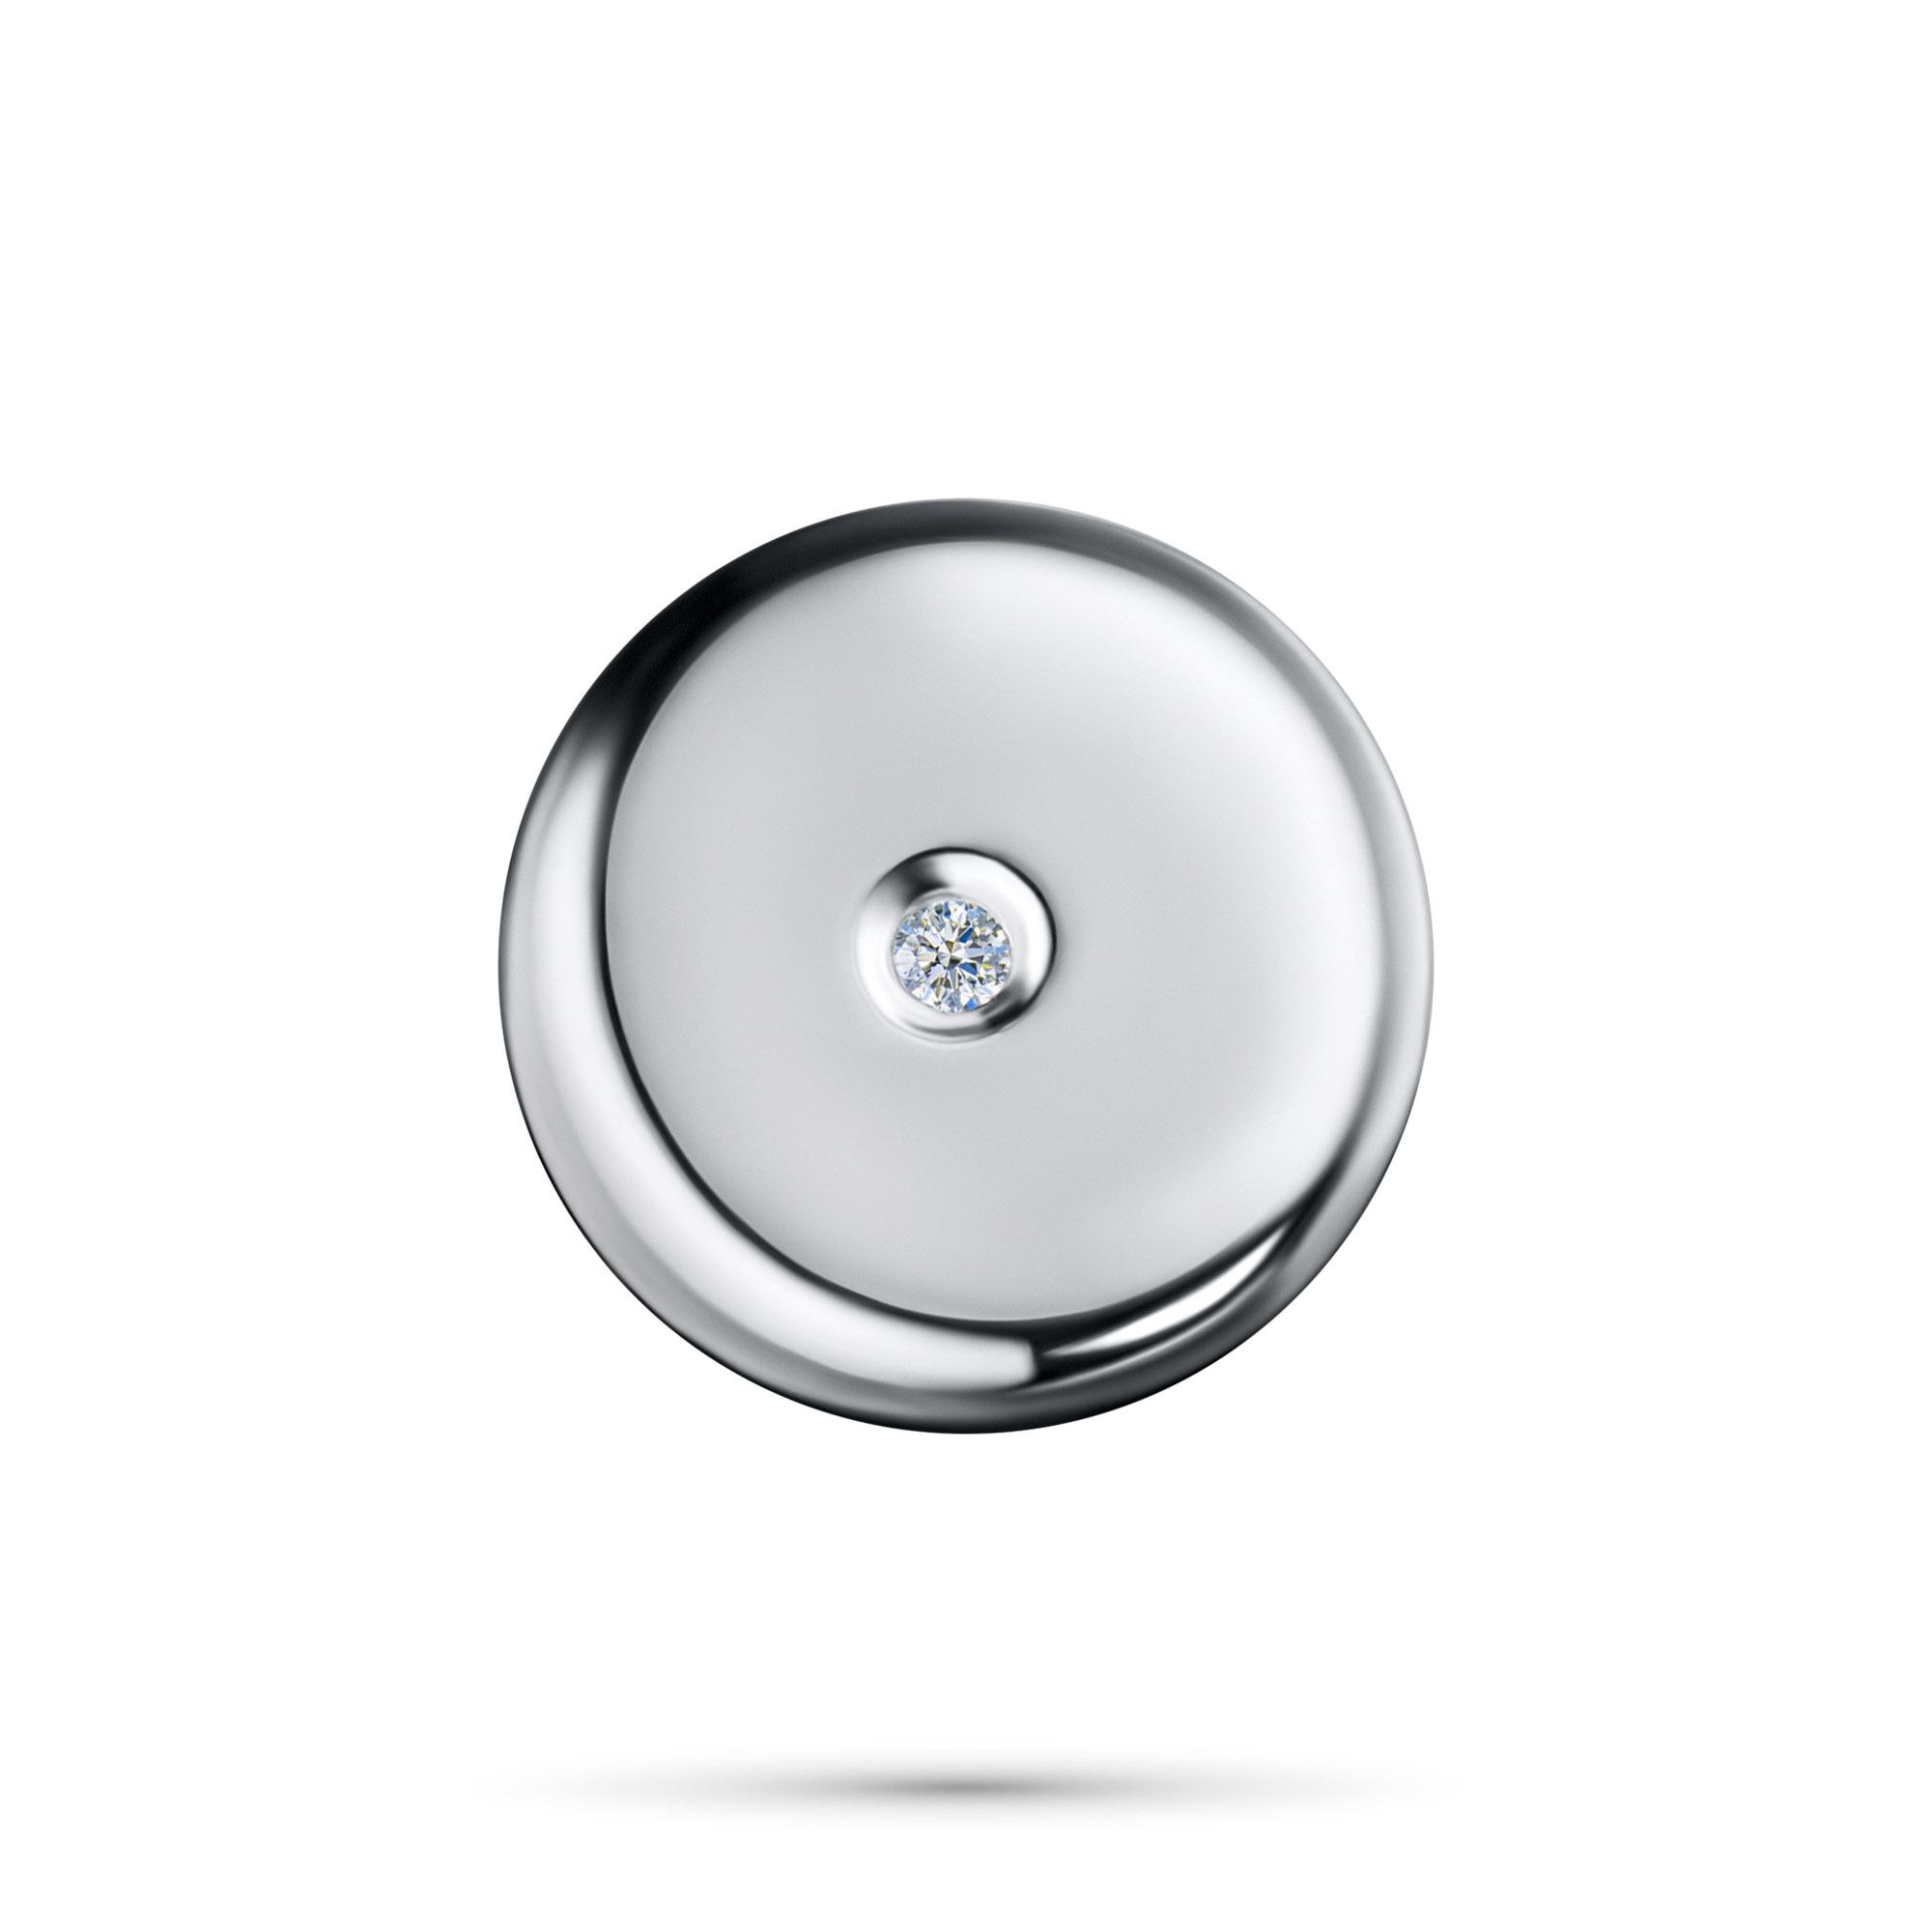 Подвеска из серебра с бриллиантом э06п031522 фото